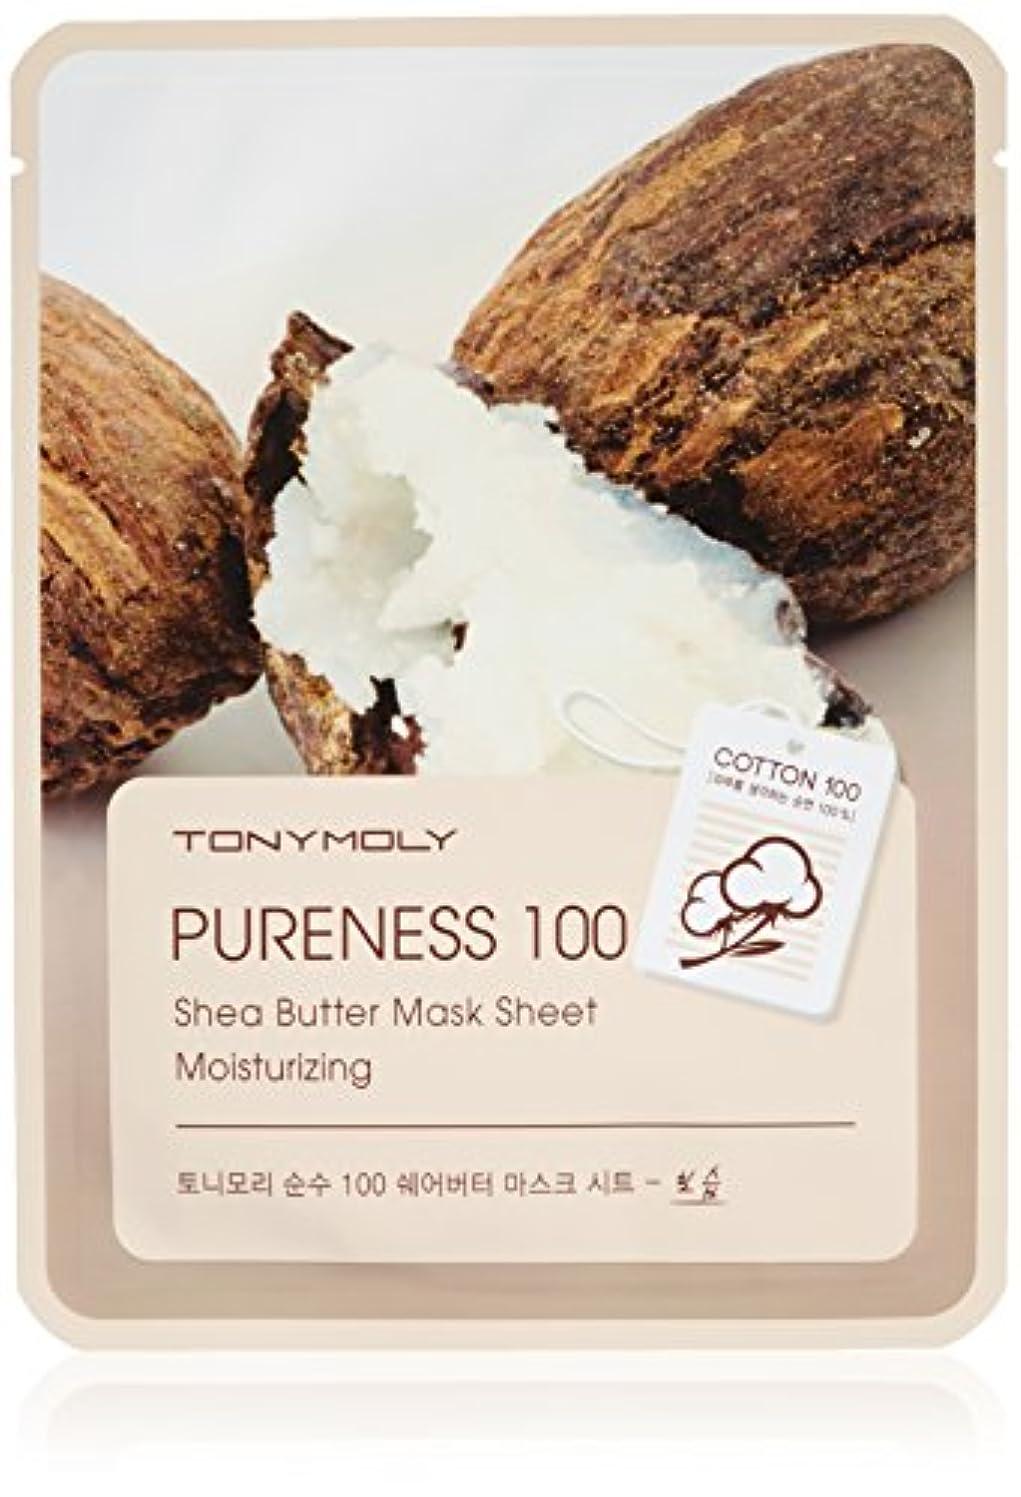 スノーケルエンターテインメント離すTONYMOLY Pureness 100 Shea Butter Mask Sheet Moisturizing (並行輸入品)